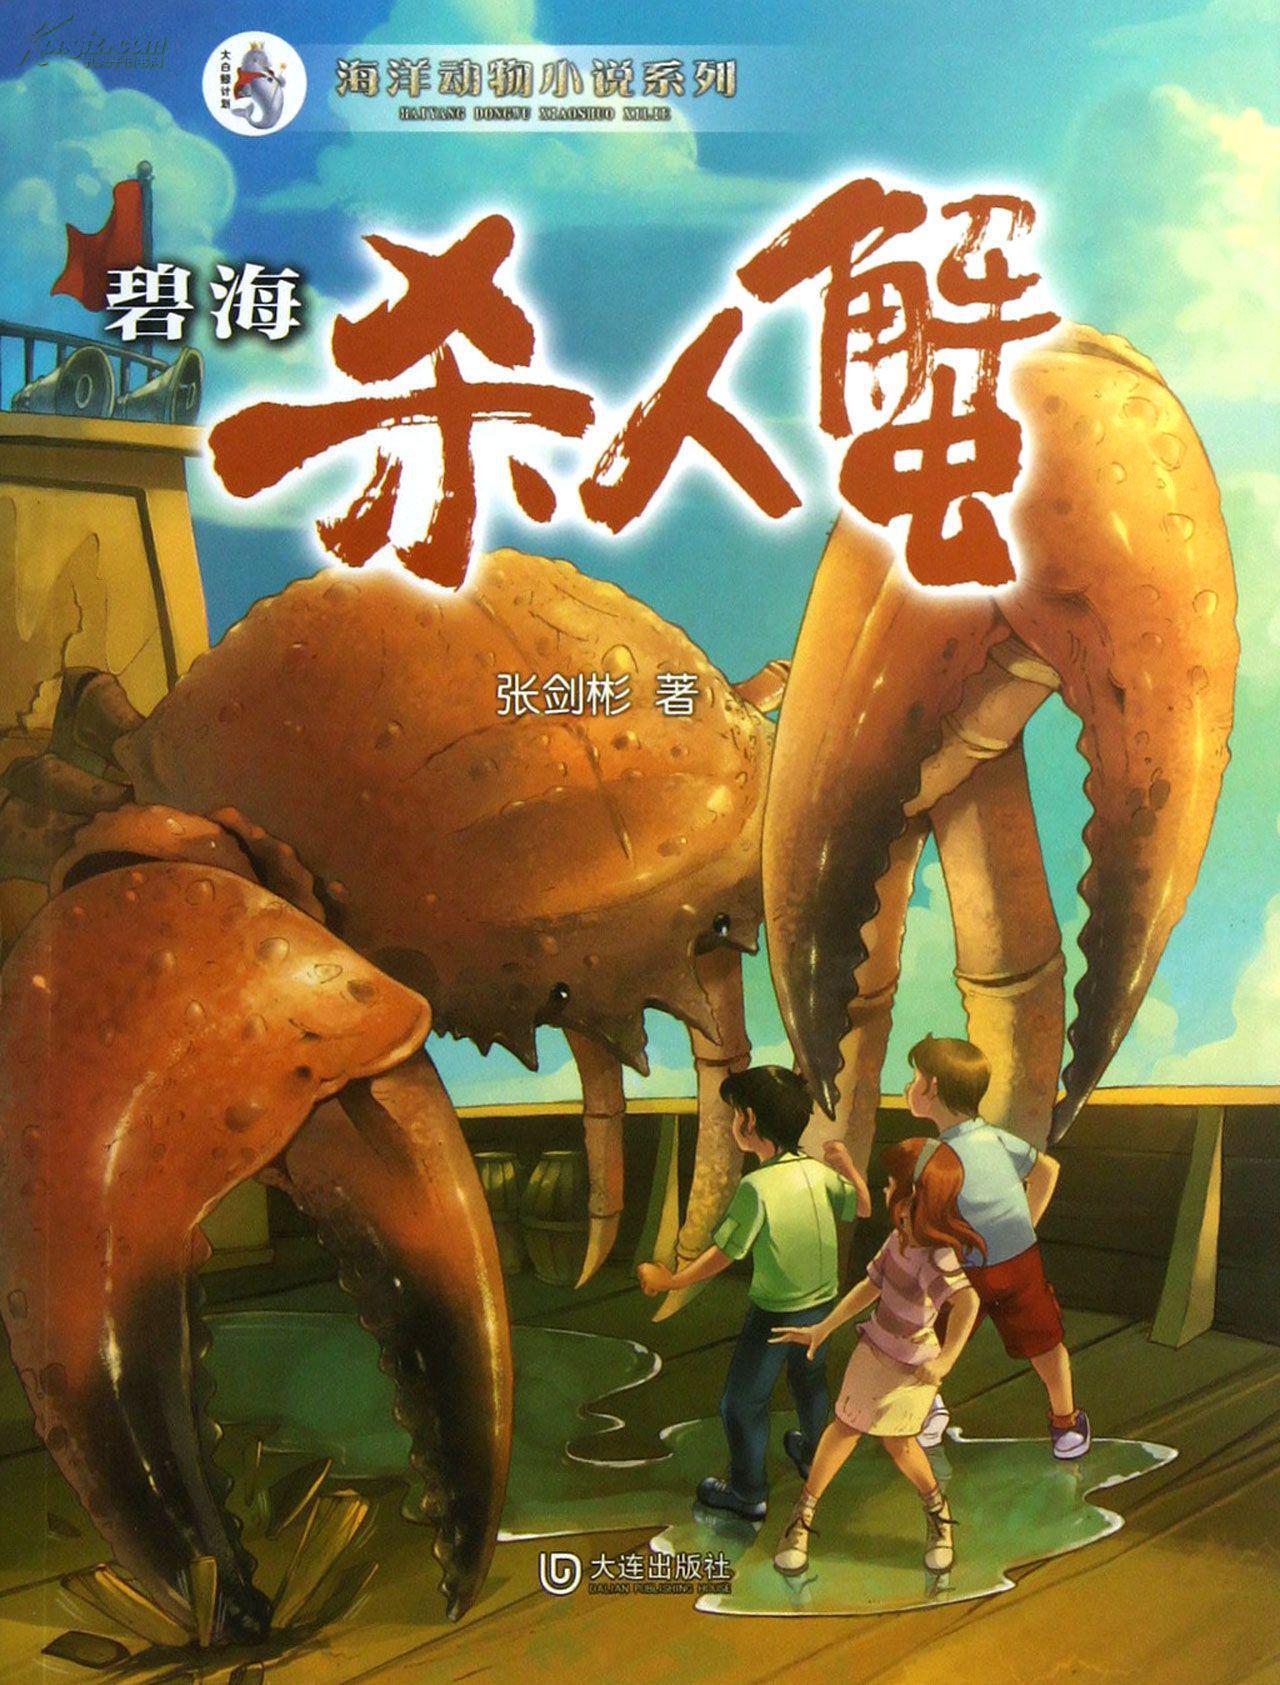 65折 碧海杀人蟹(海洋动物小说系列)图片